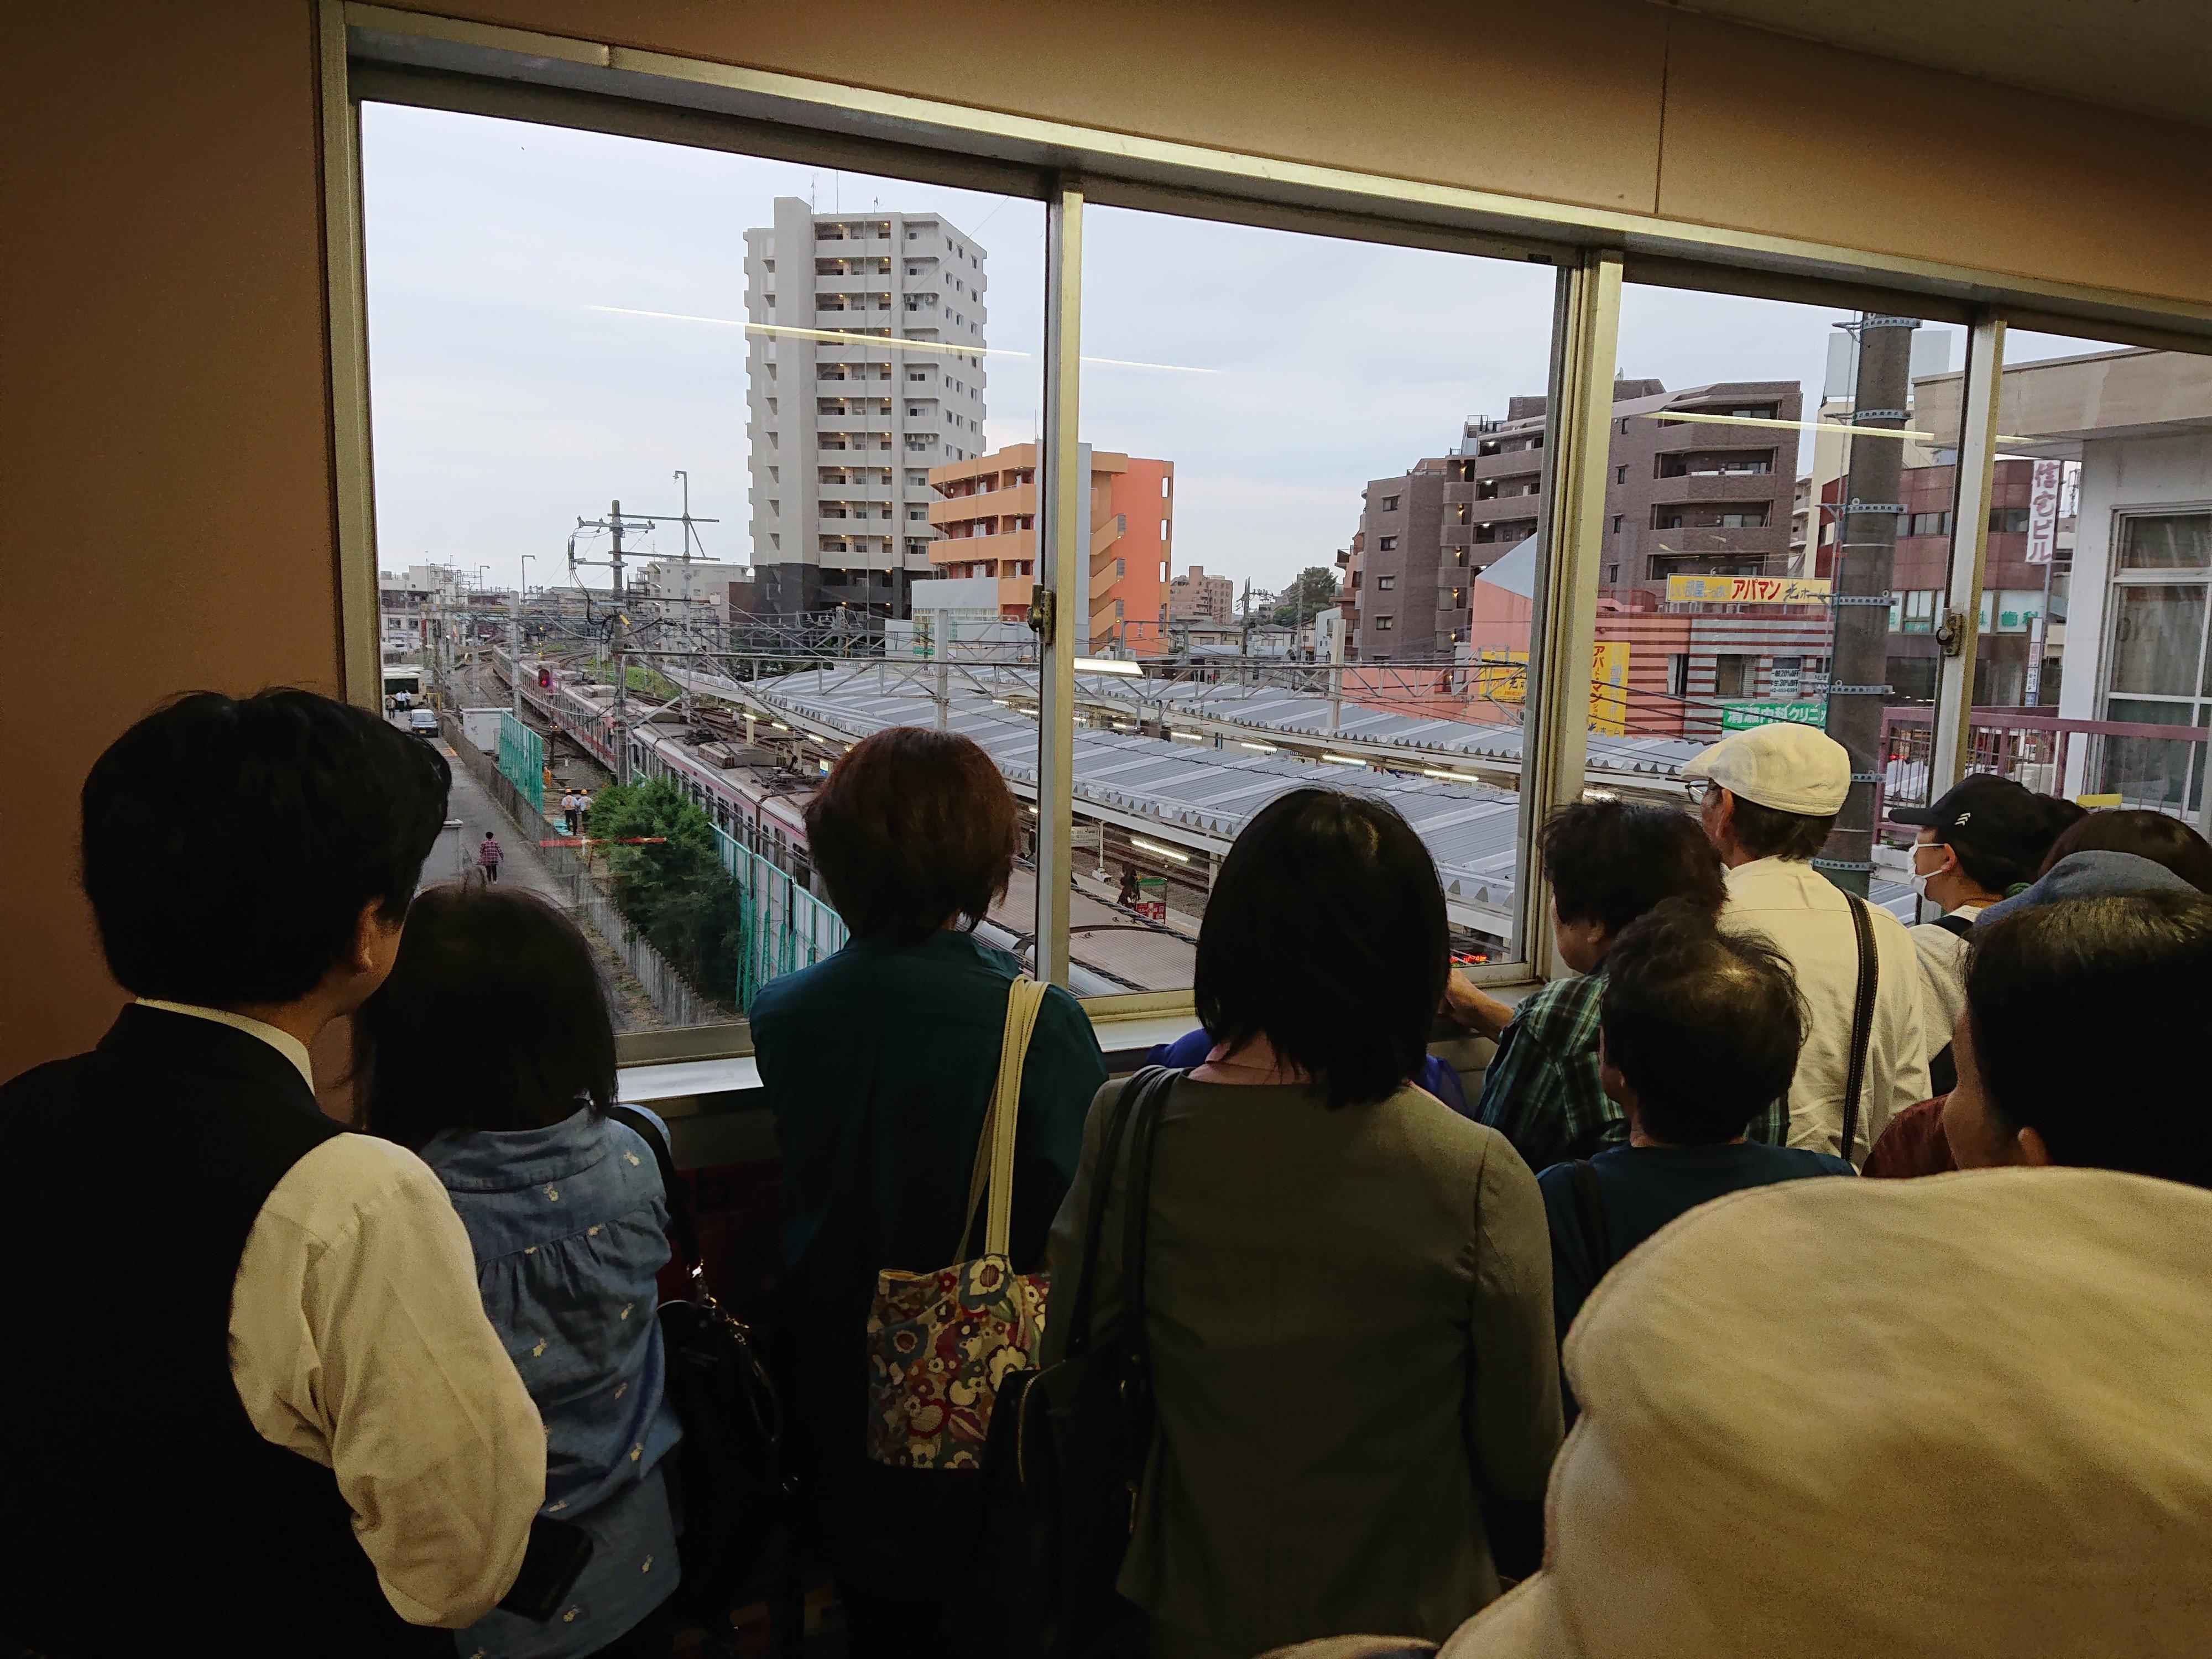 清瀬駅で人身事故が起き騒然としている現場の画像